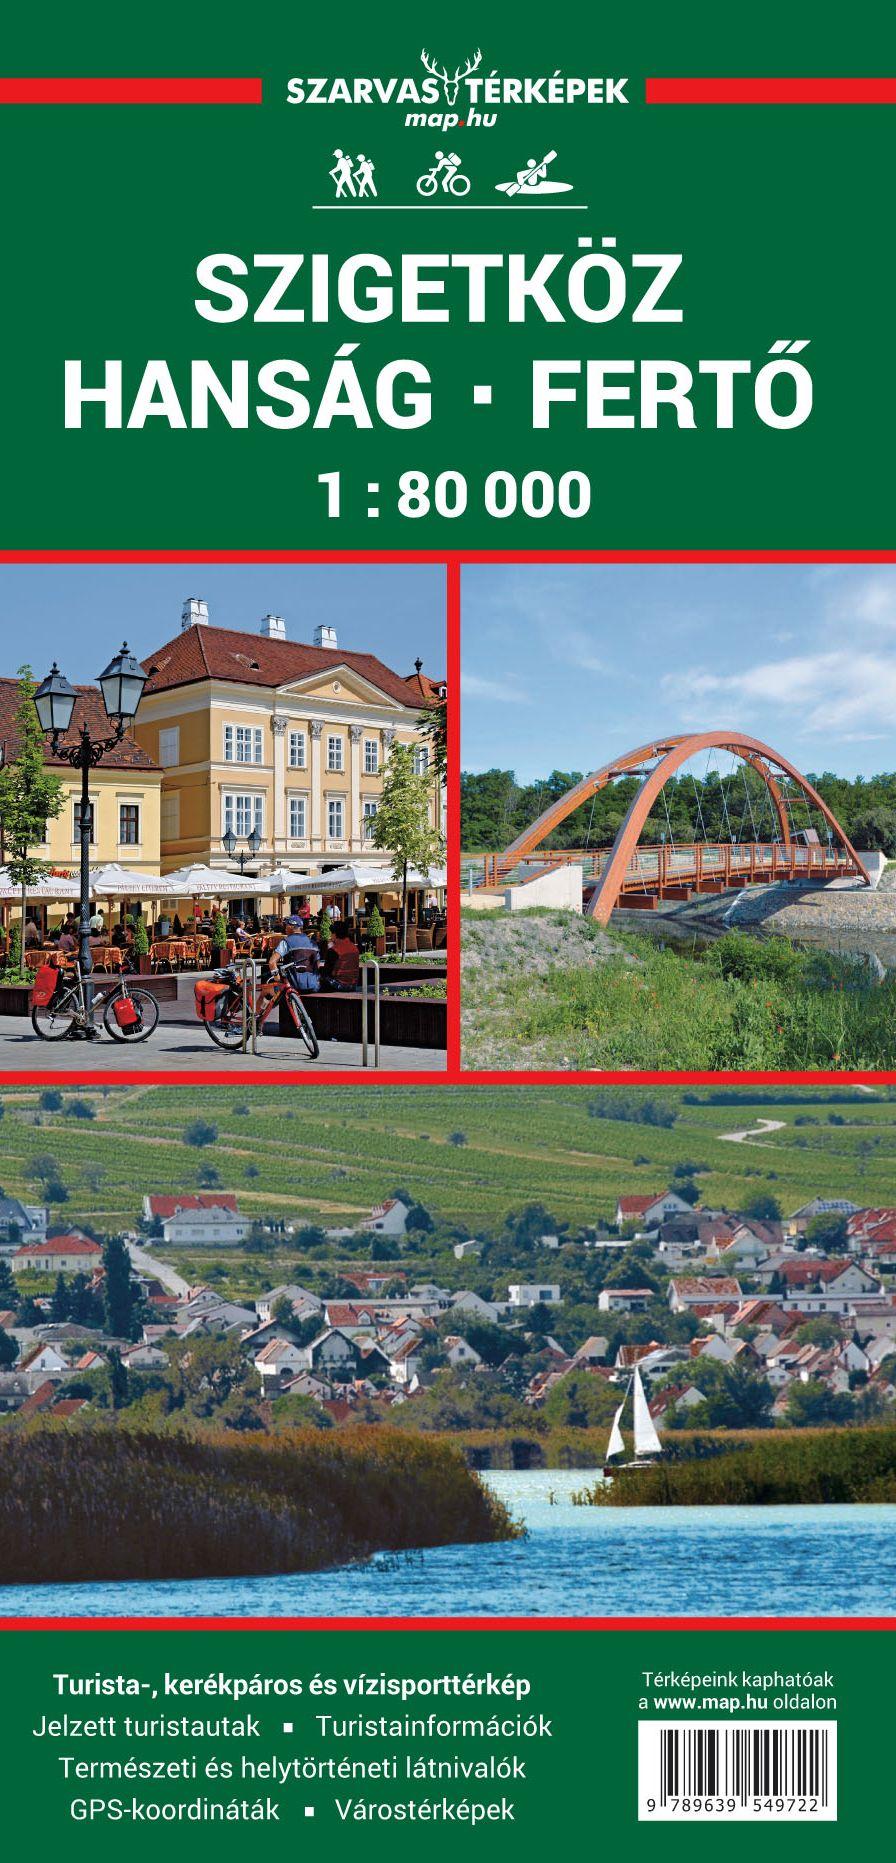 Incl. city maps Bratislava transit, Győr, Mosonmagyaóvár, Hédervár, Lipót, Csorna, Kapuvár